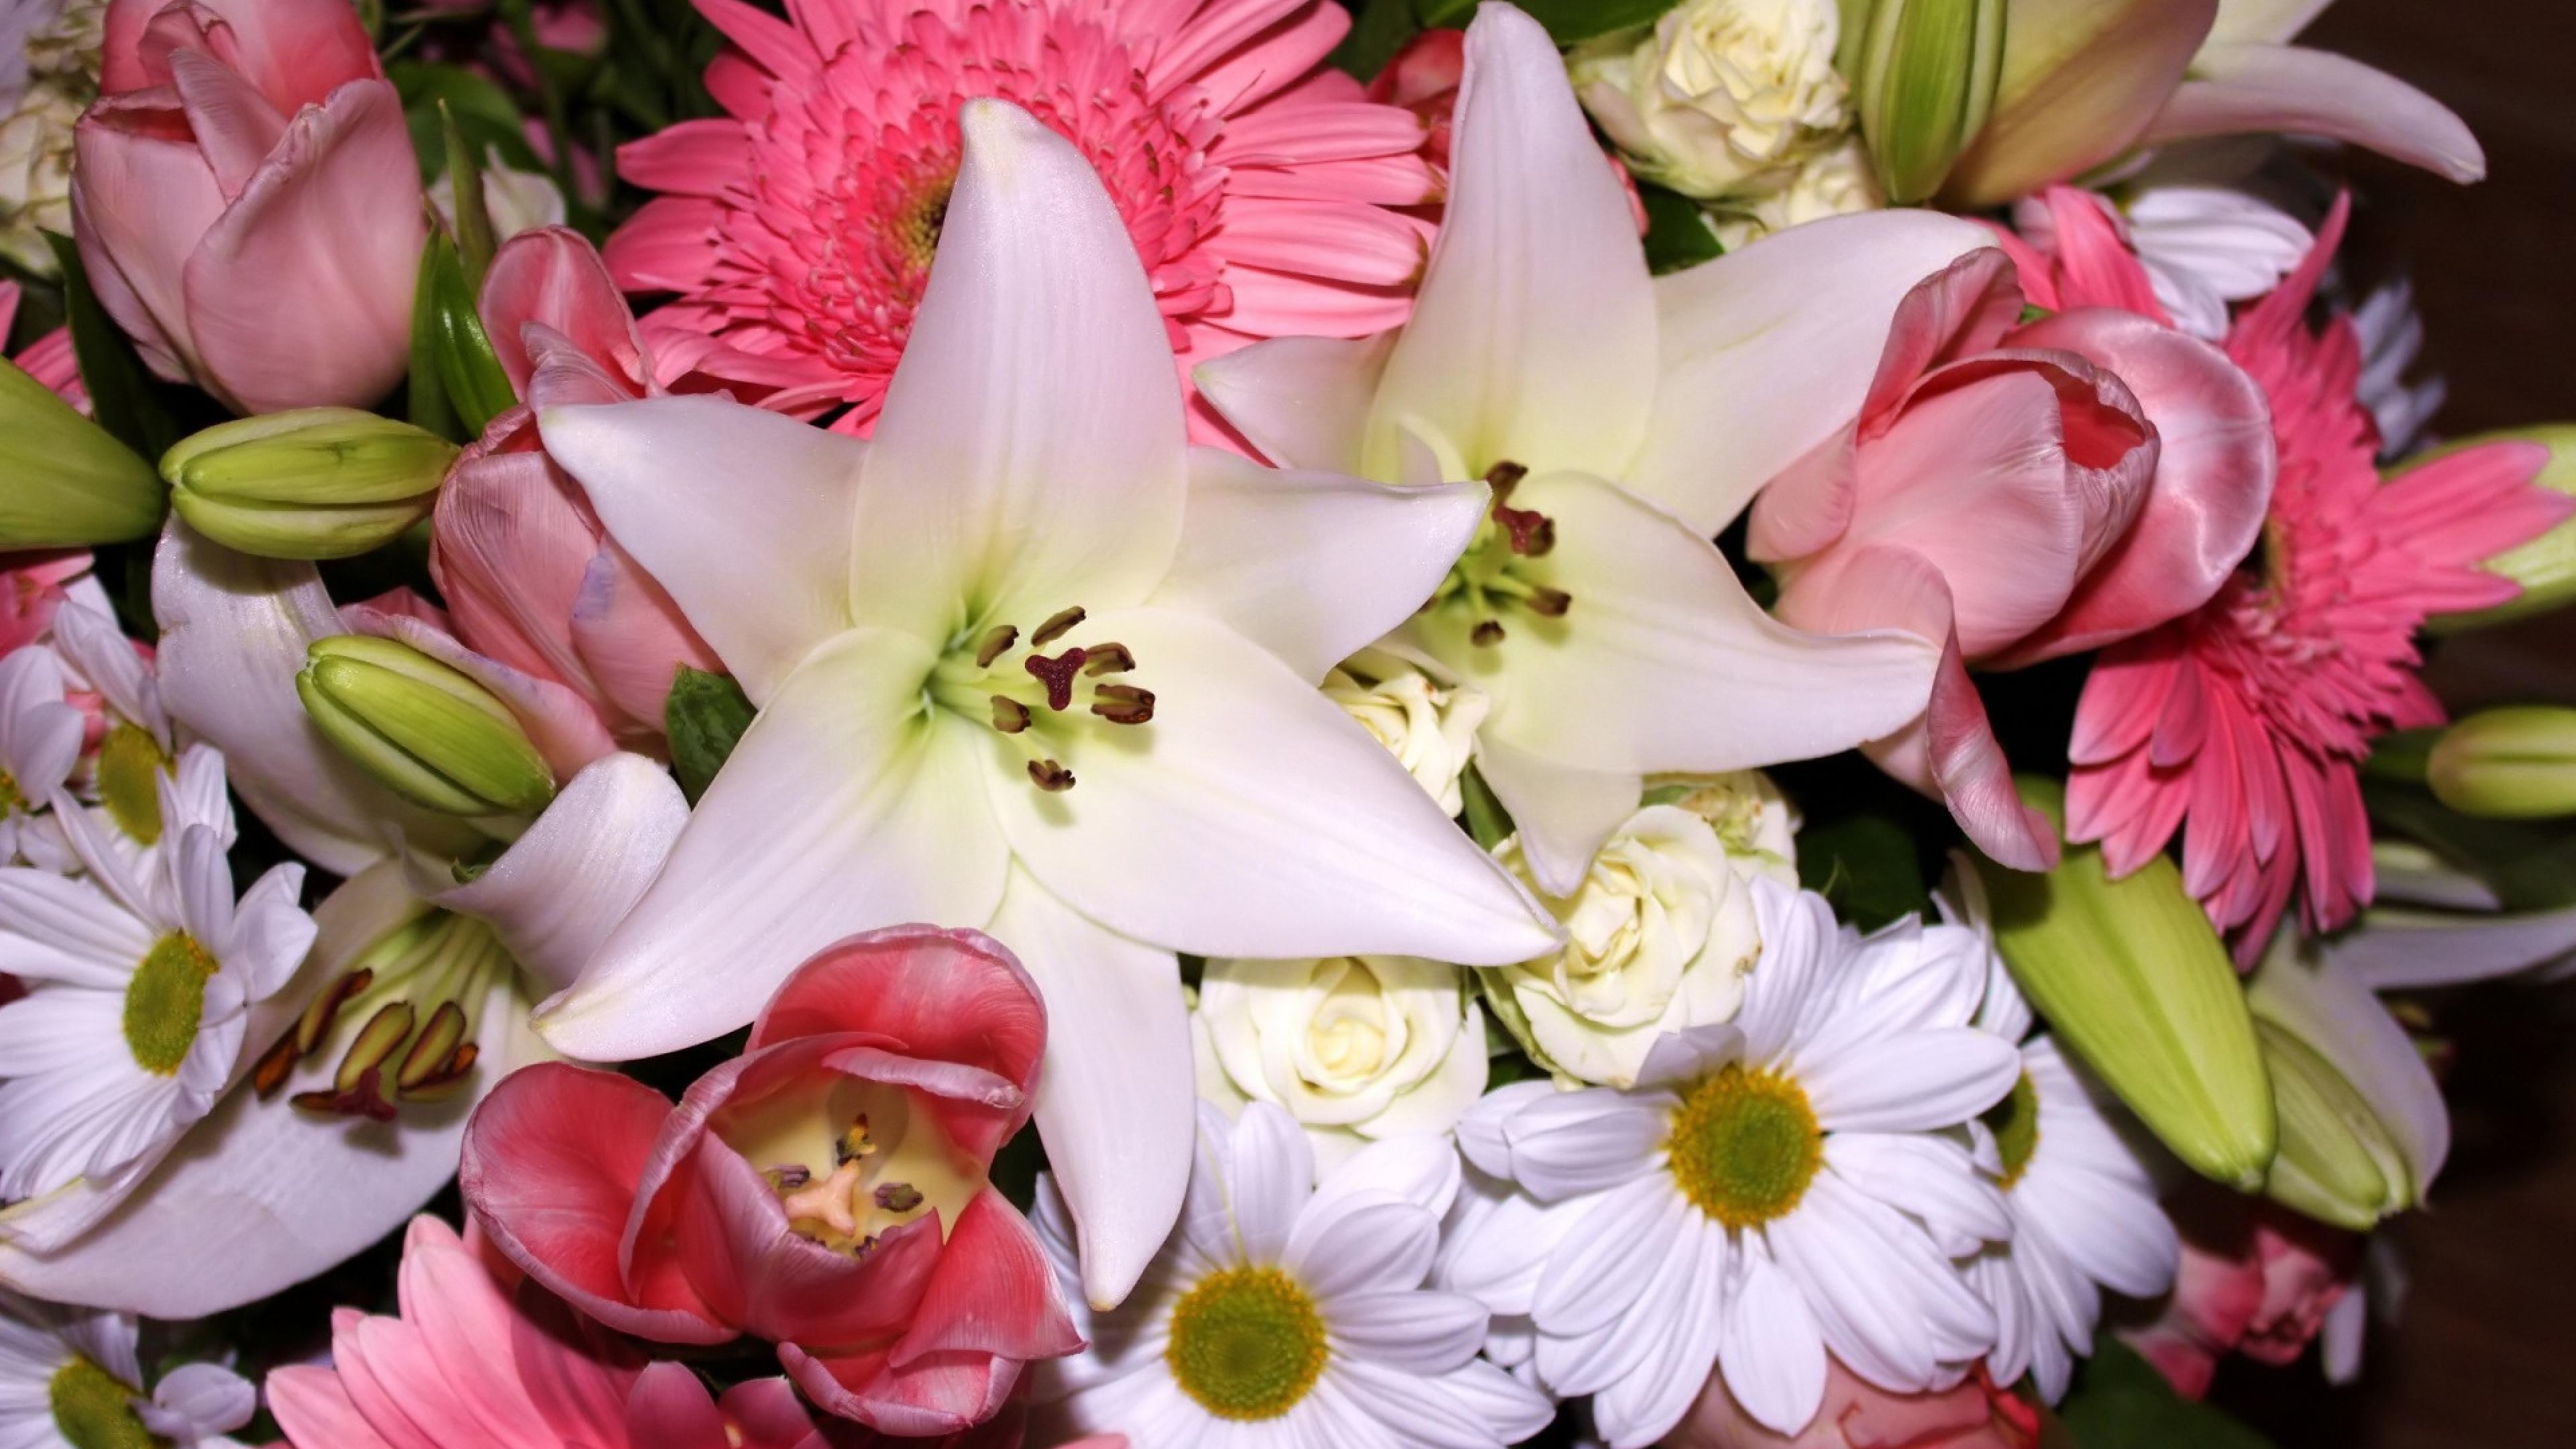 действительности, такой красивые картинки с лилиями разные важно